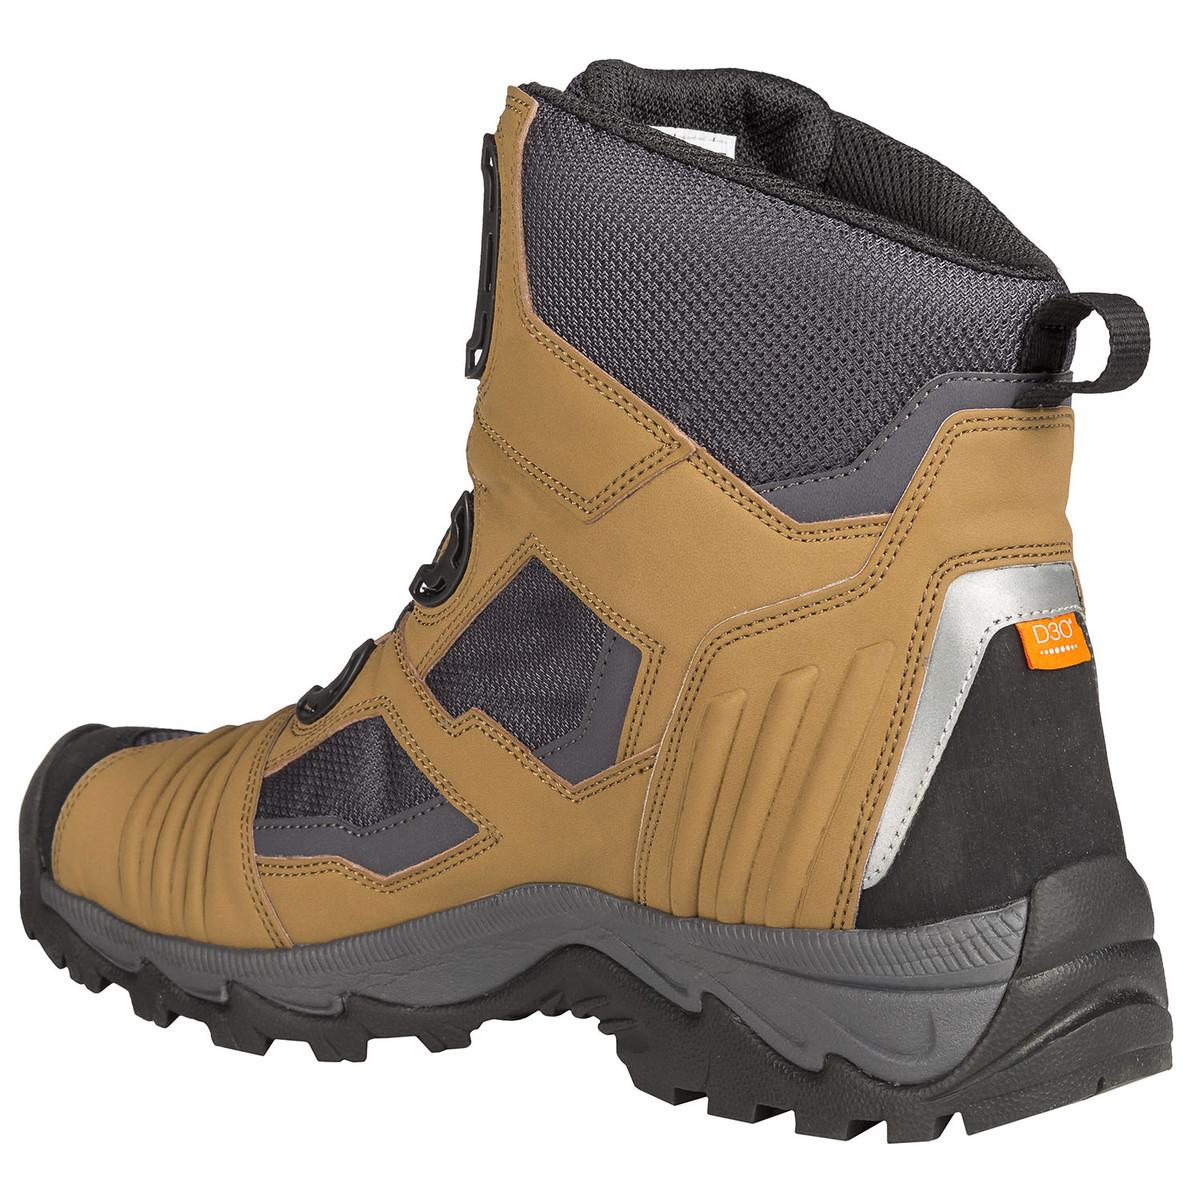 Outlander Gtx Boot Klim